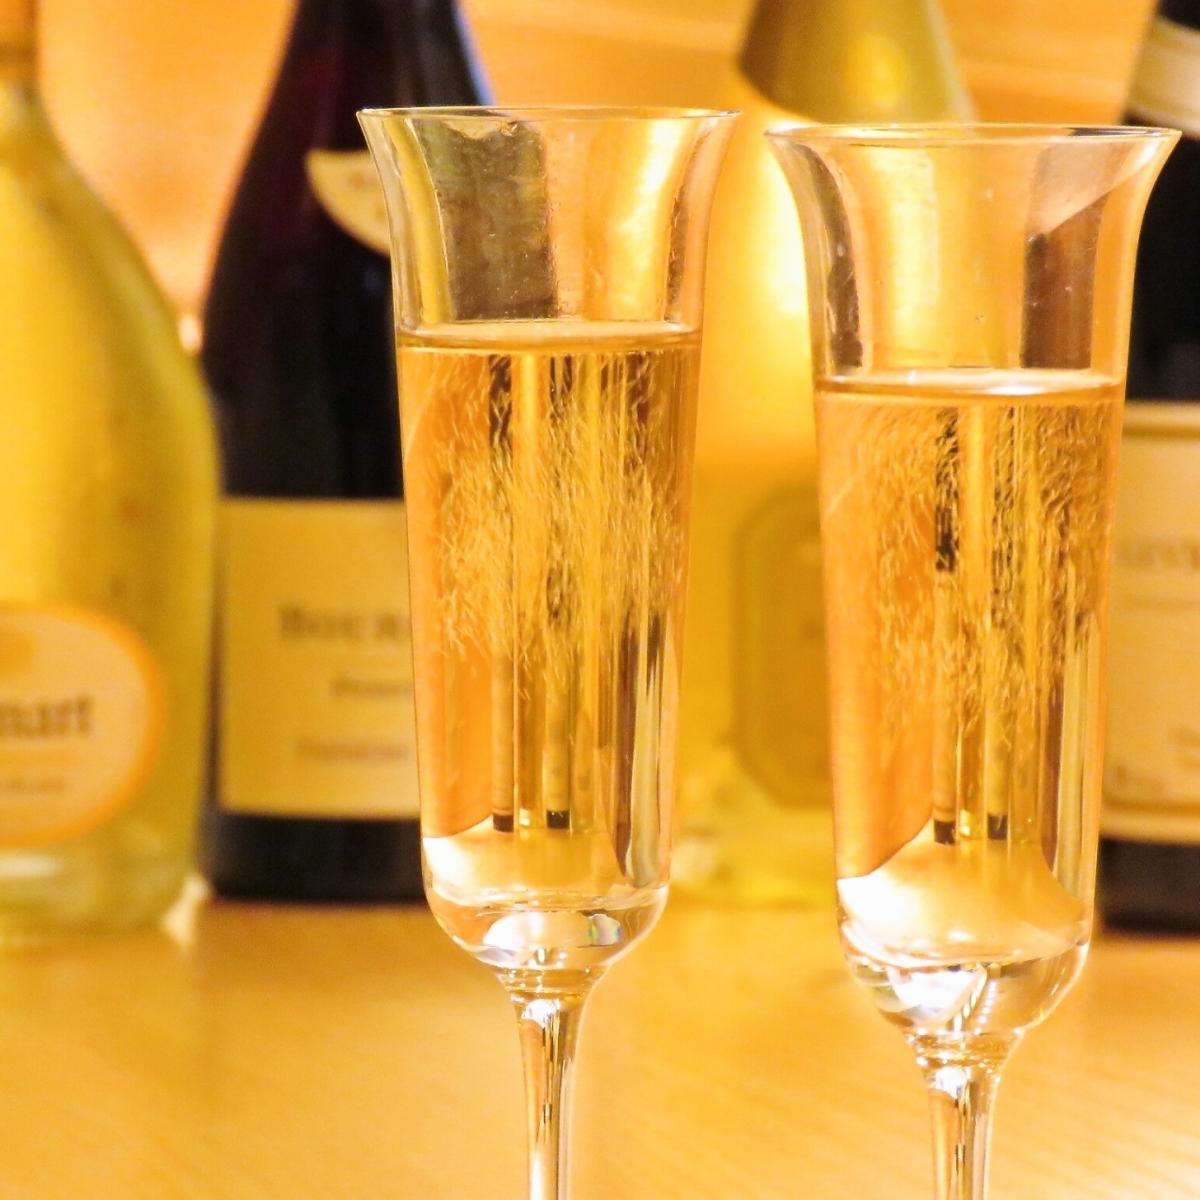 スパークリングワインの最高峰、シャンパンもご用意